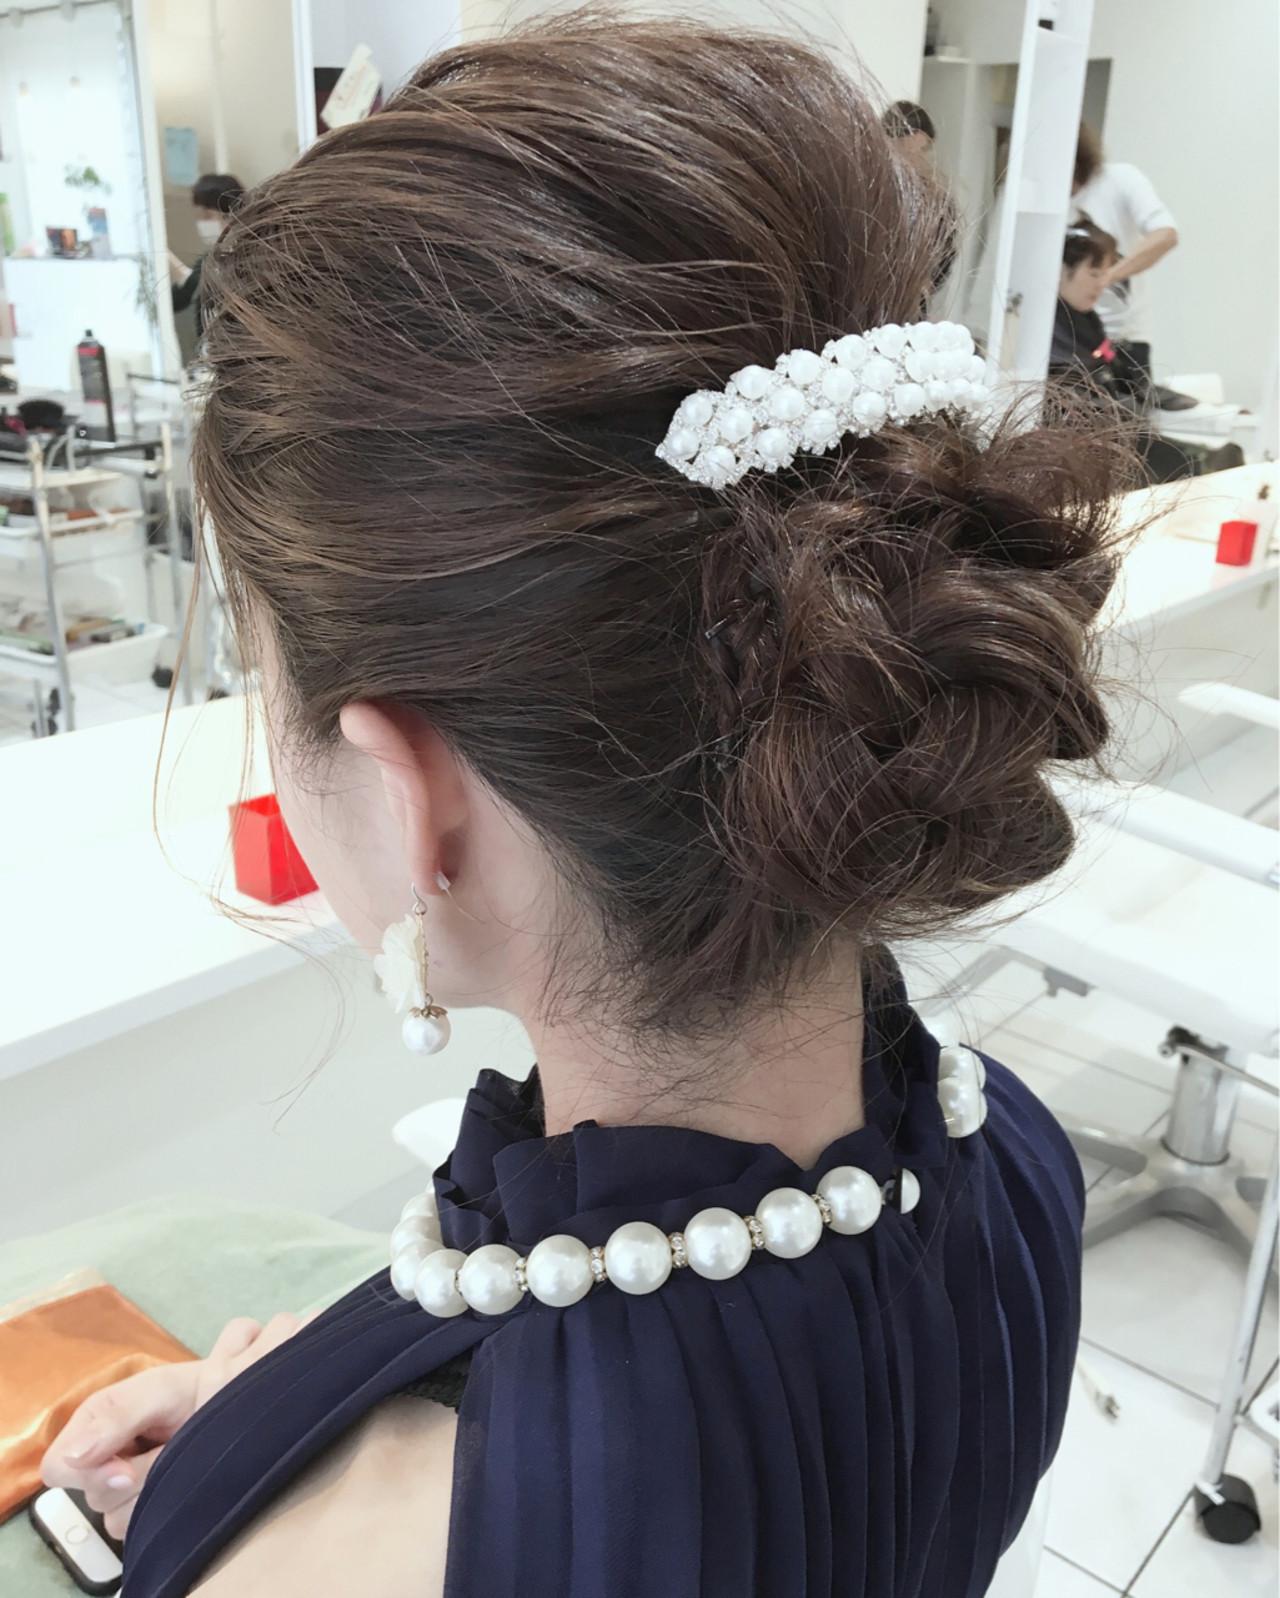 ハーフアップ 大人女子 簡単ヘアアレンジ 編み込み ヘアスタイルや髪型の写真・画像